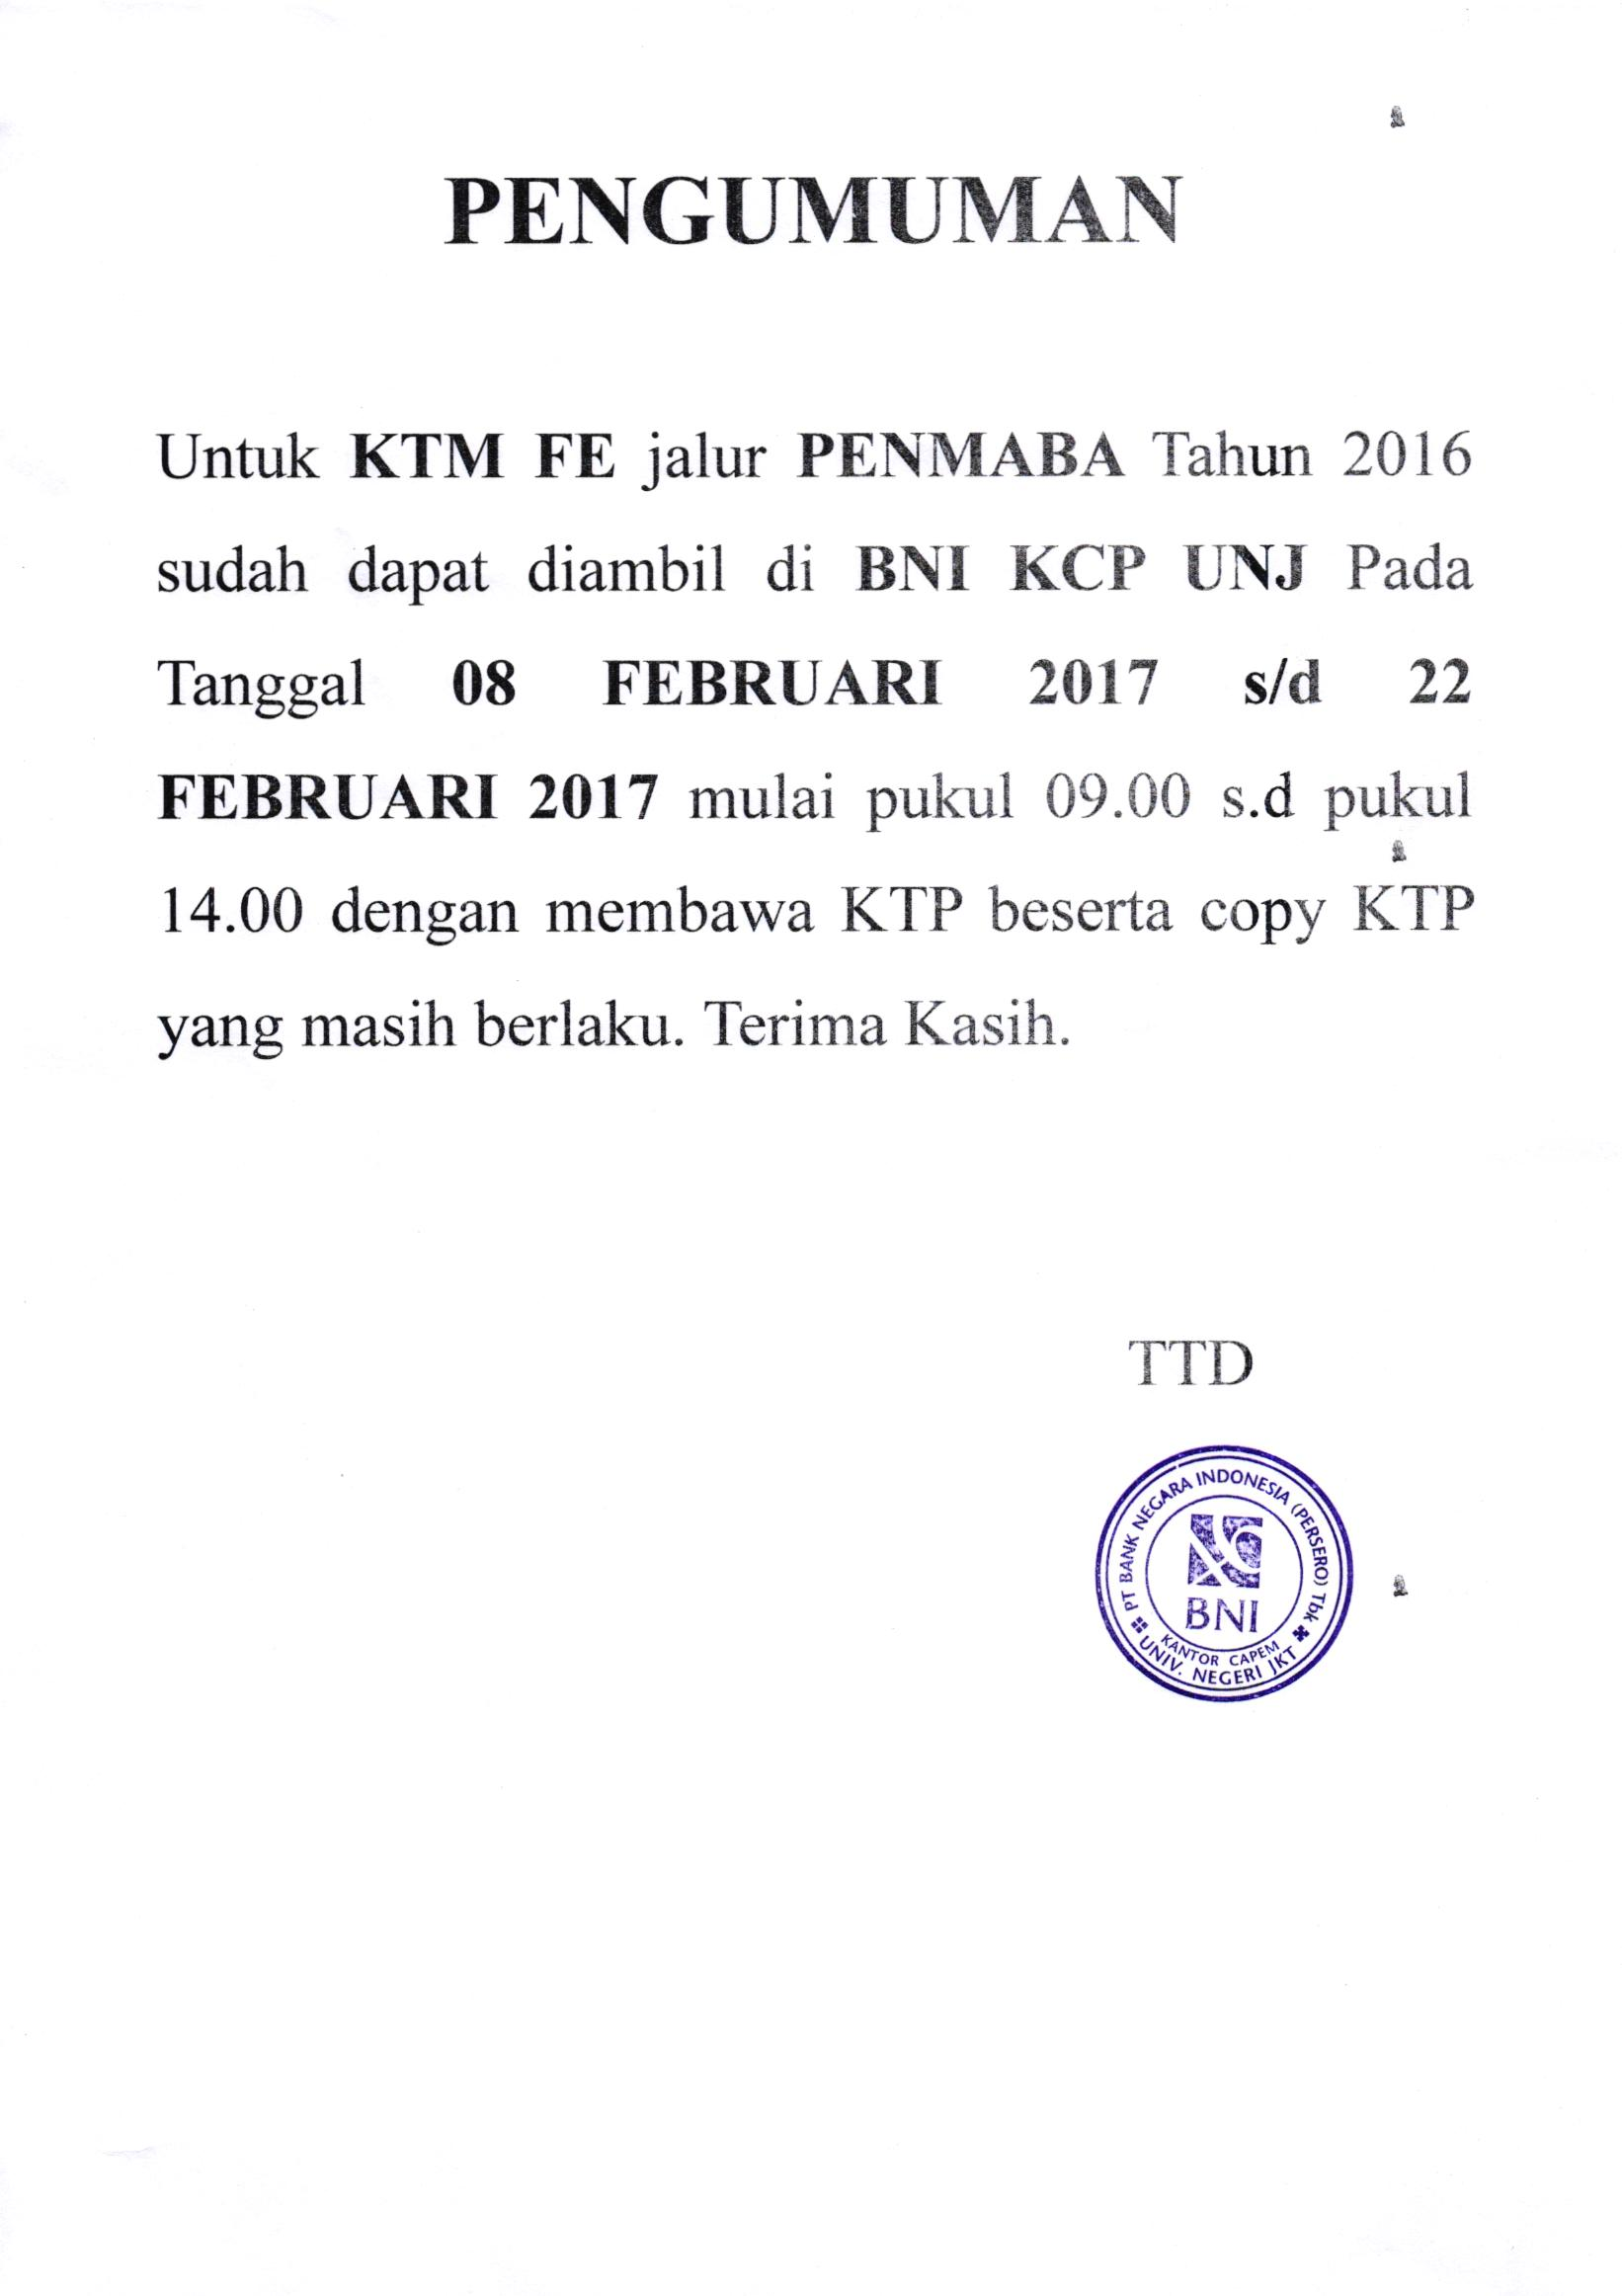 Info KTM Penmaba 2016